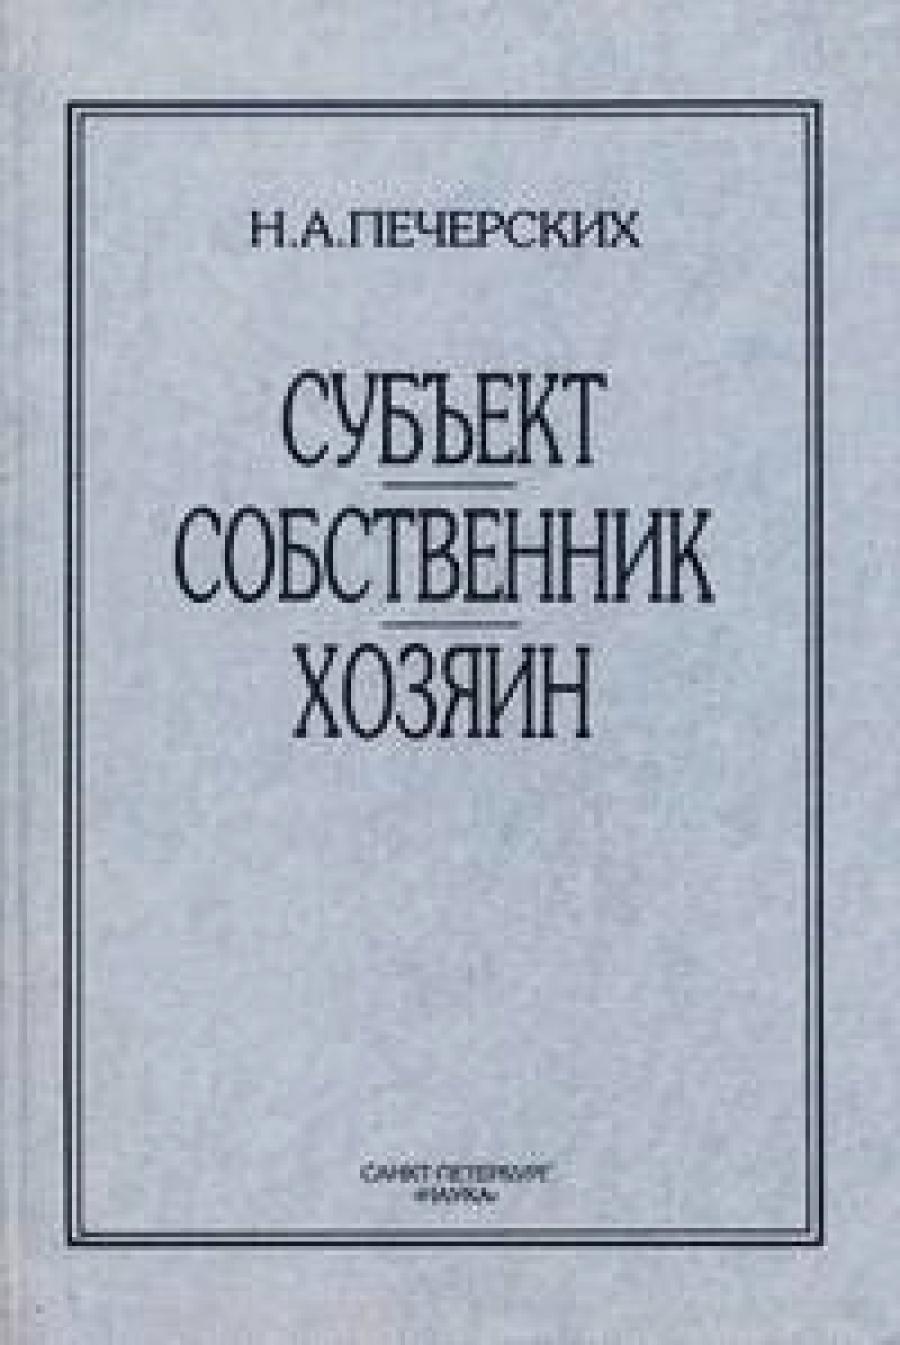 Обложка книги:  печерских н.а. - субъект, собственник, хозяин